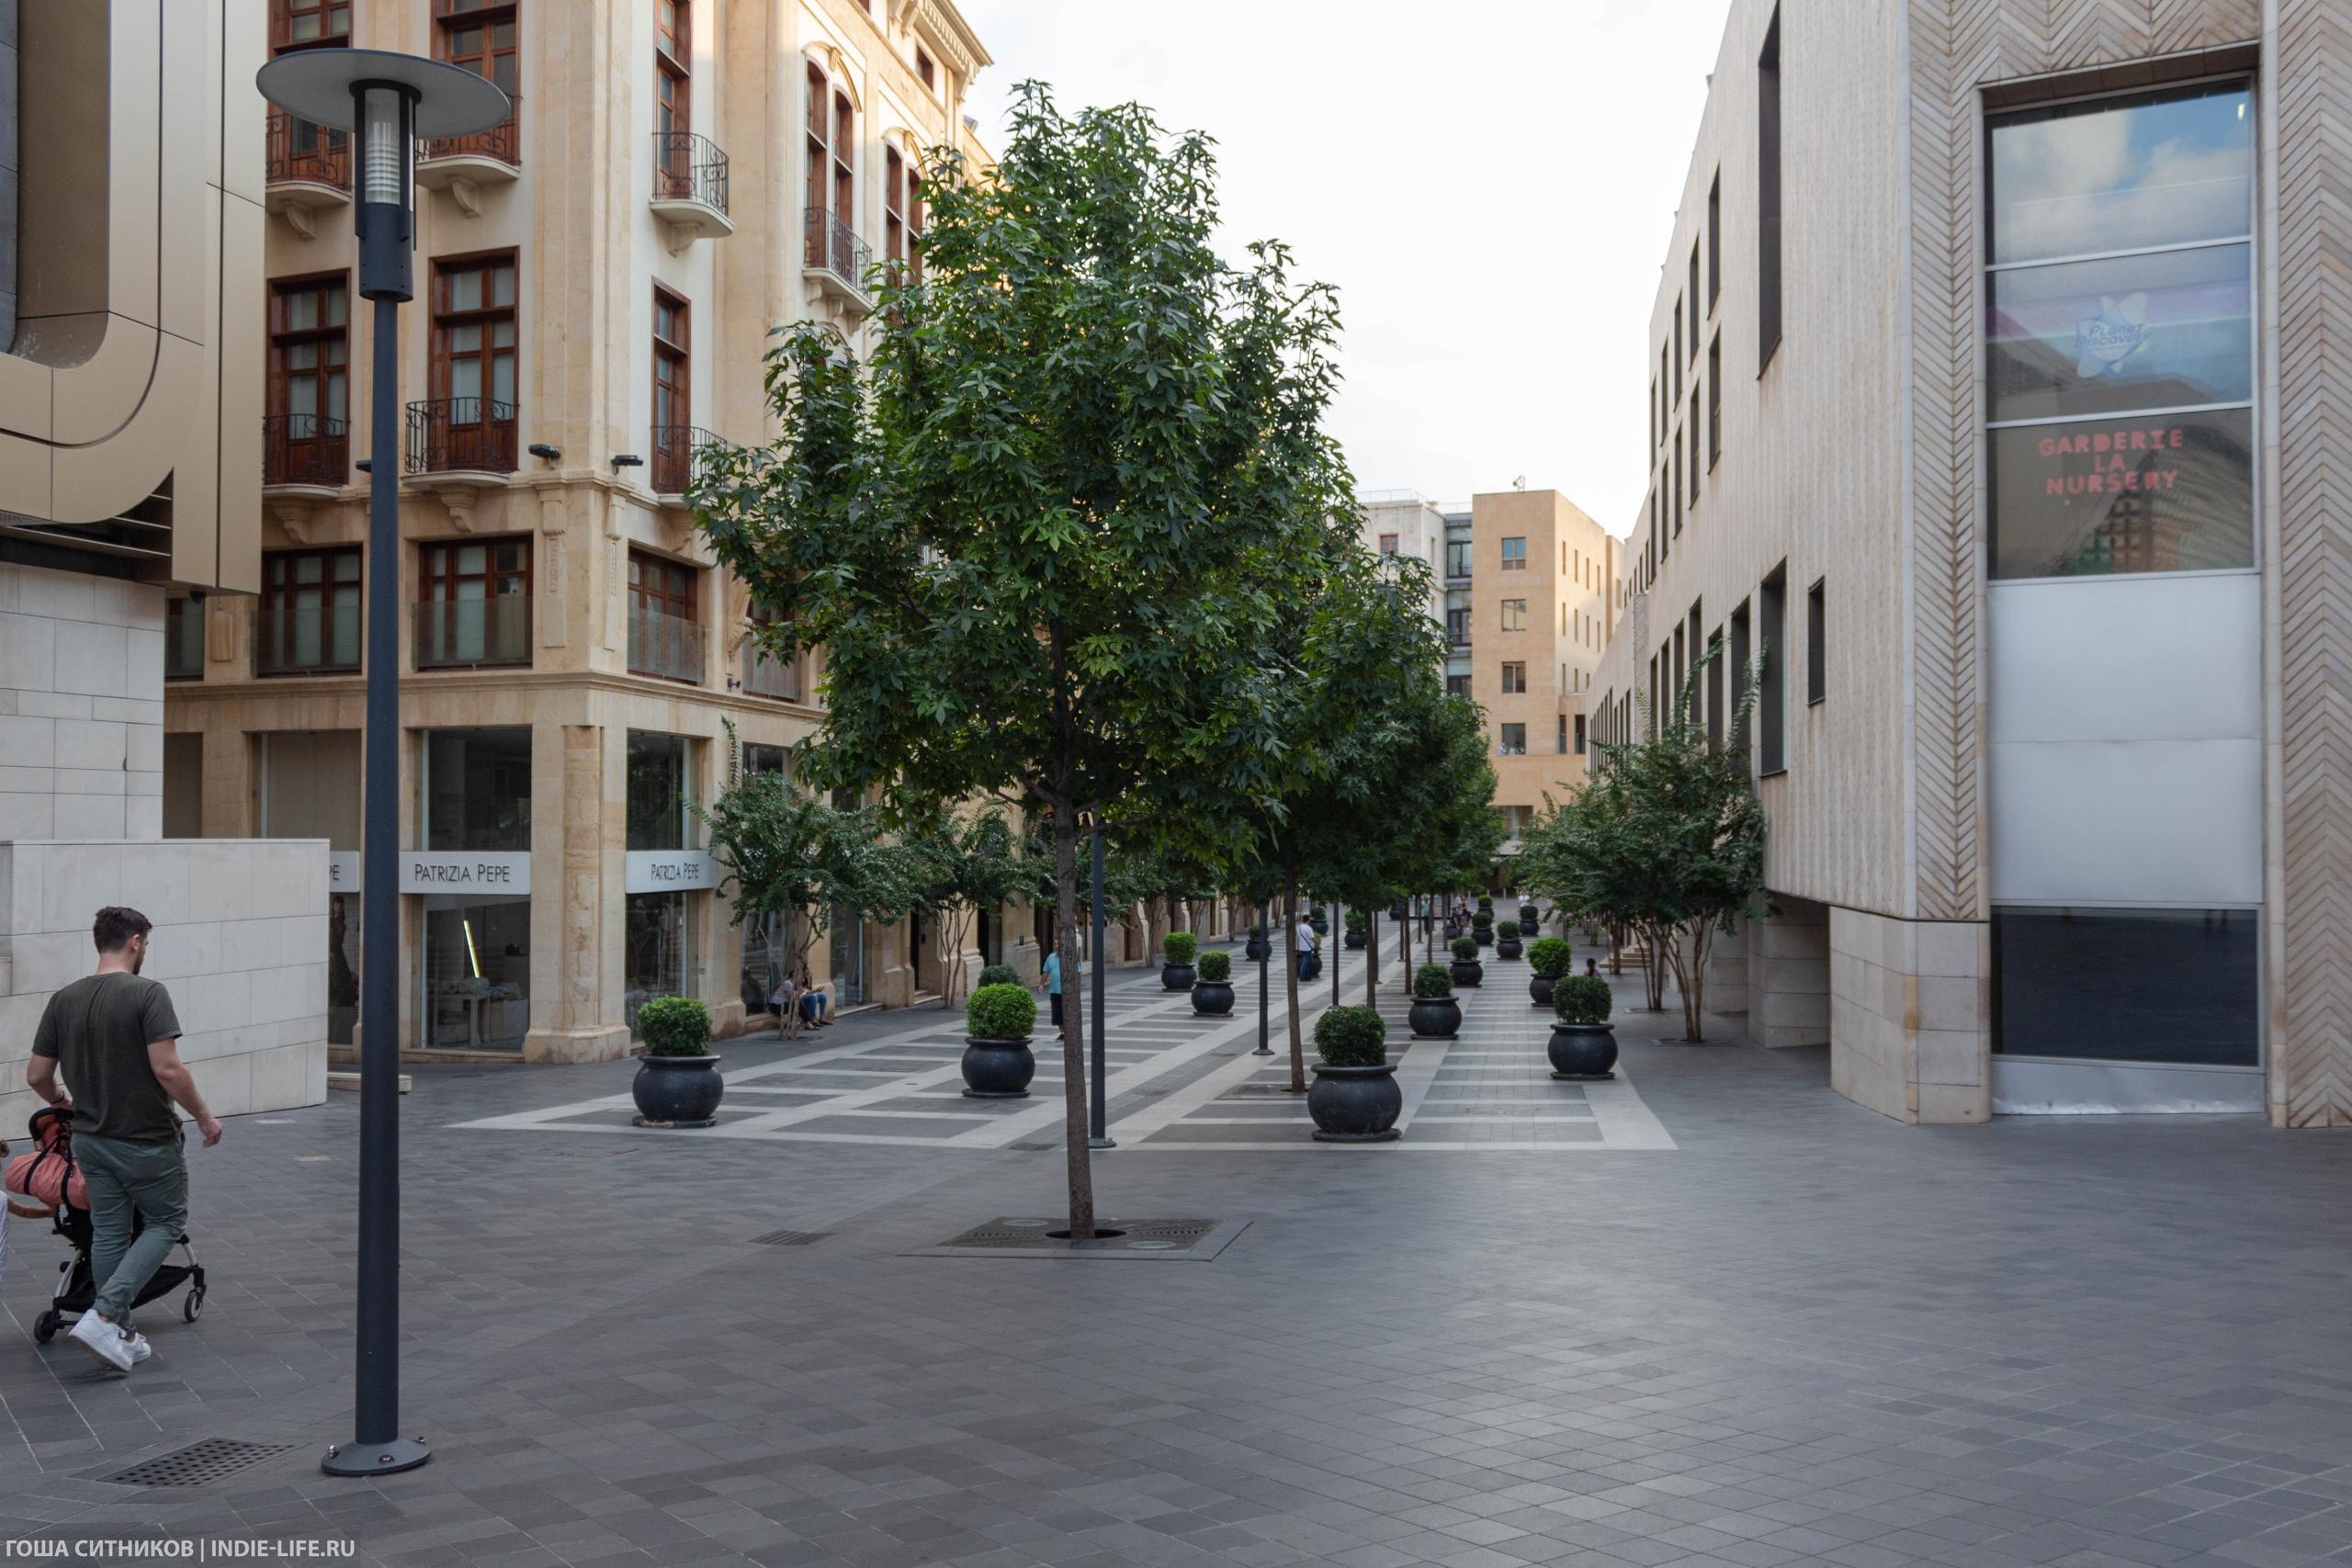 Бейрут аллея